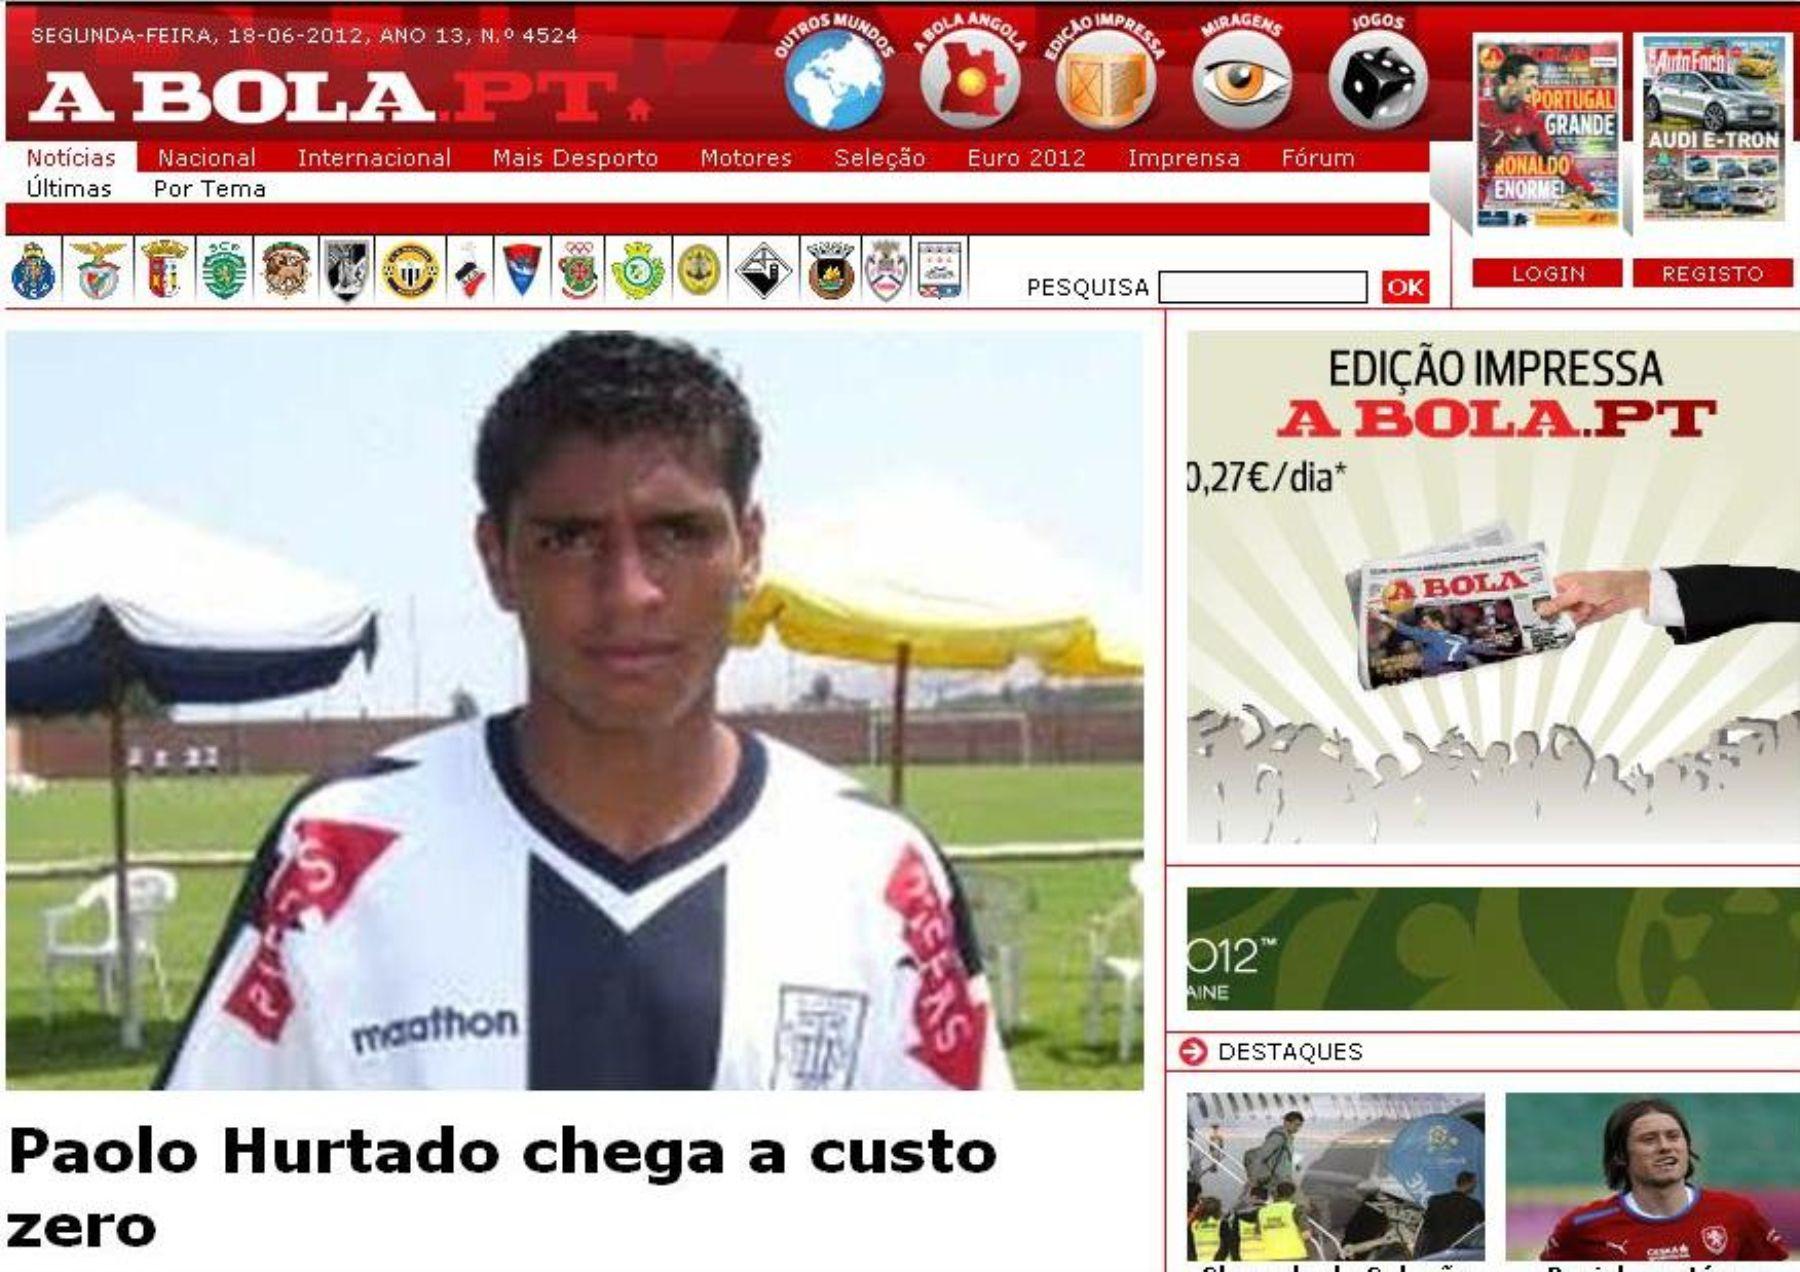 Prensa portuguesa informa sobre llegada de Paolo Hurtado. Foto: A Bola.